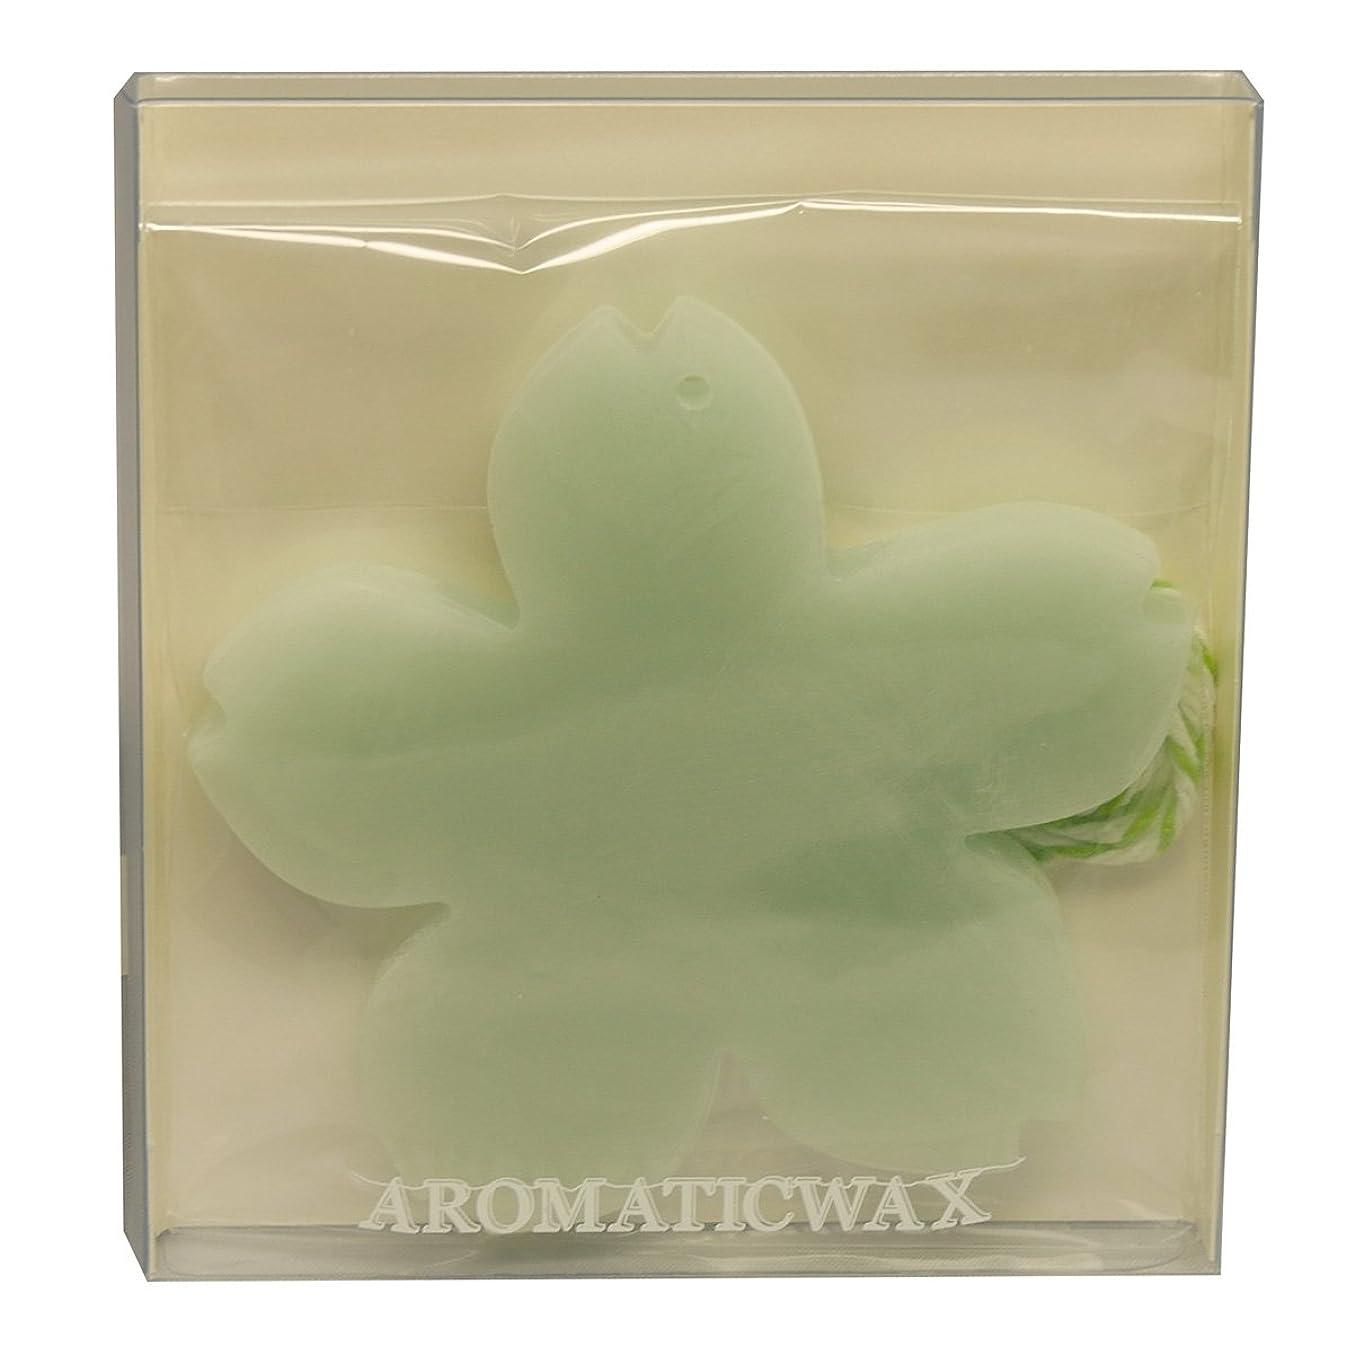 取るに足らない交響曲色合いGRASSE TOKYO AROMATICWAXチャーム「さくら」(GR) レモングラス アロマティックワックス グラーストウキョウ